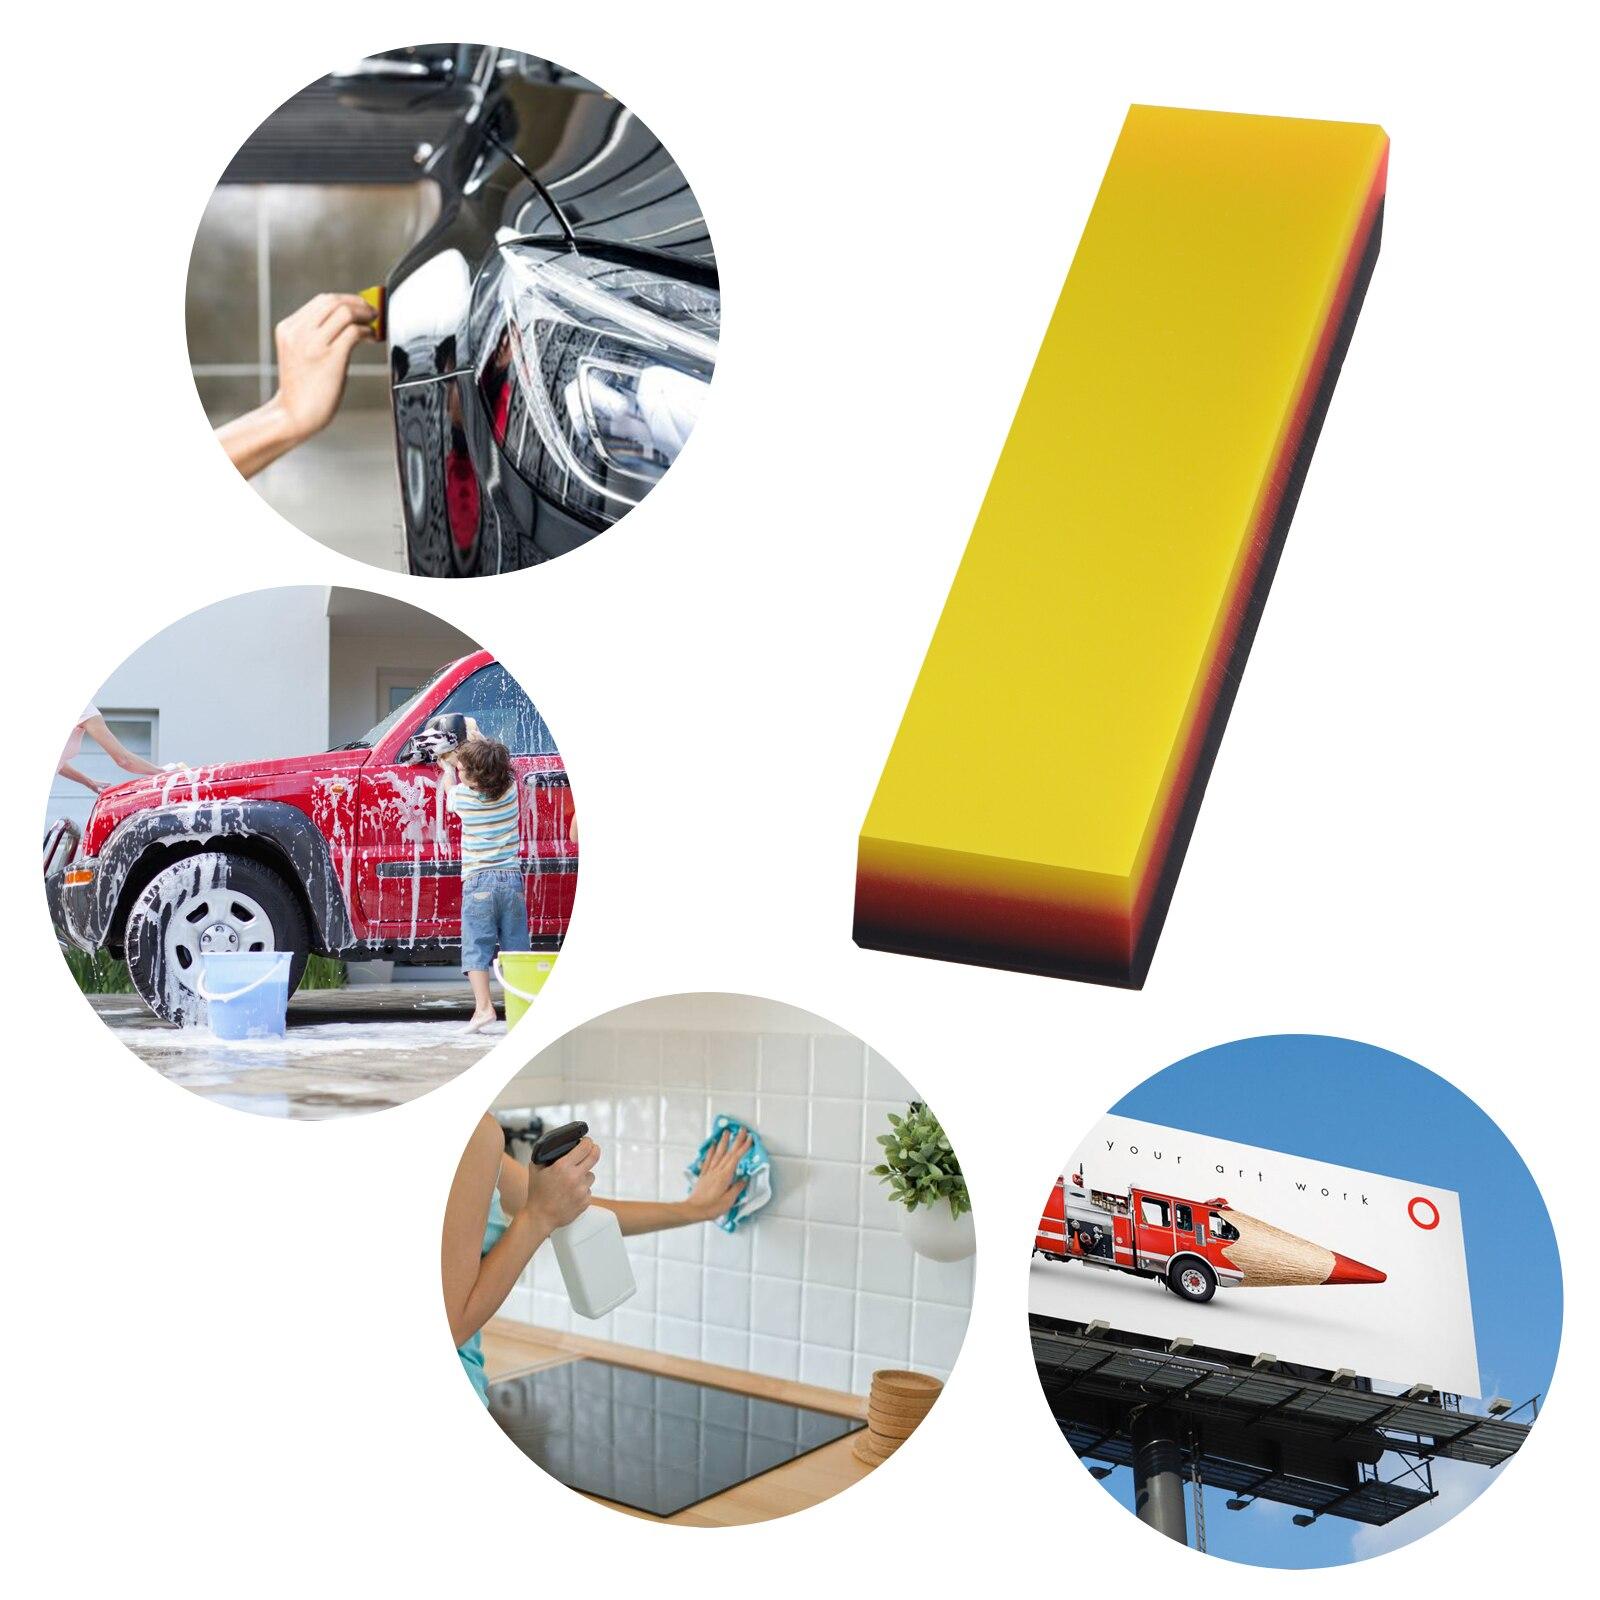 Image 2 - FOSHIO 탄소 섬유 자석 스틱 스퀴지 비닐 랩 자동차 도구 세트 자동 창 색조 도구 필름 설치 스티커 포장 스크레이퍼스크레이퍼   -